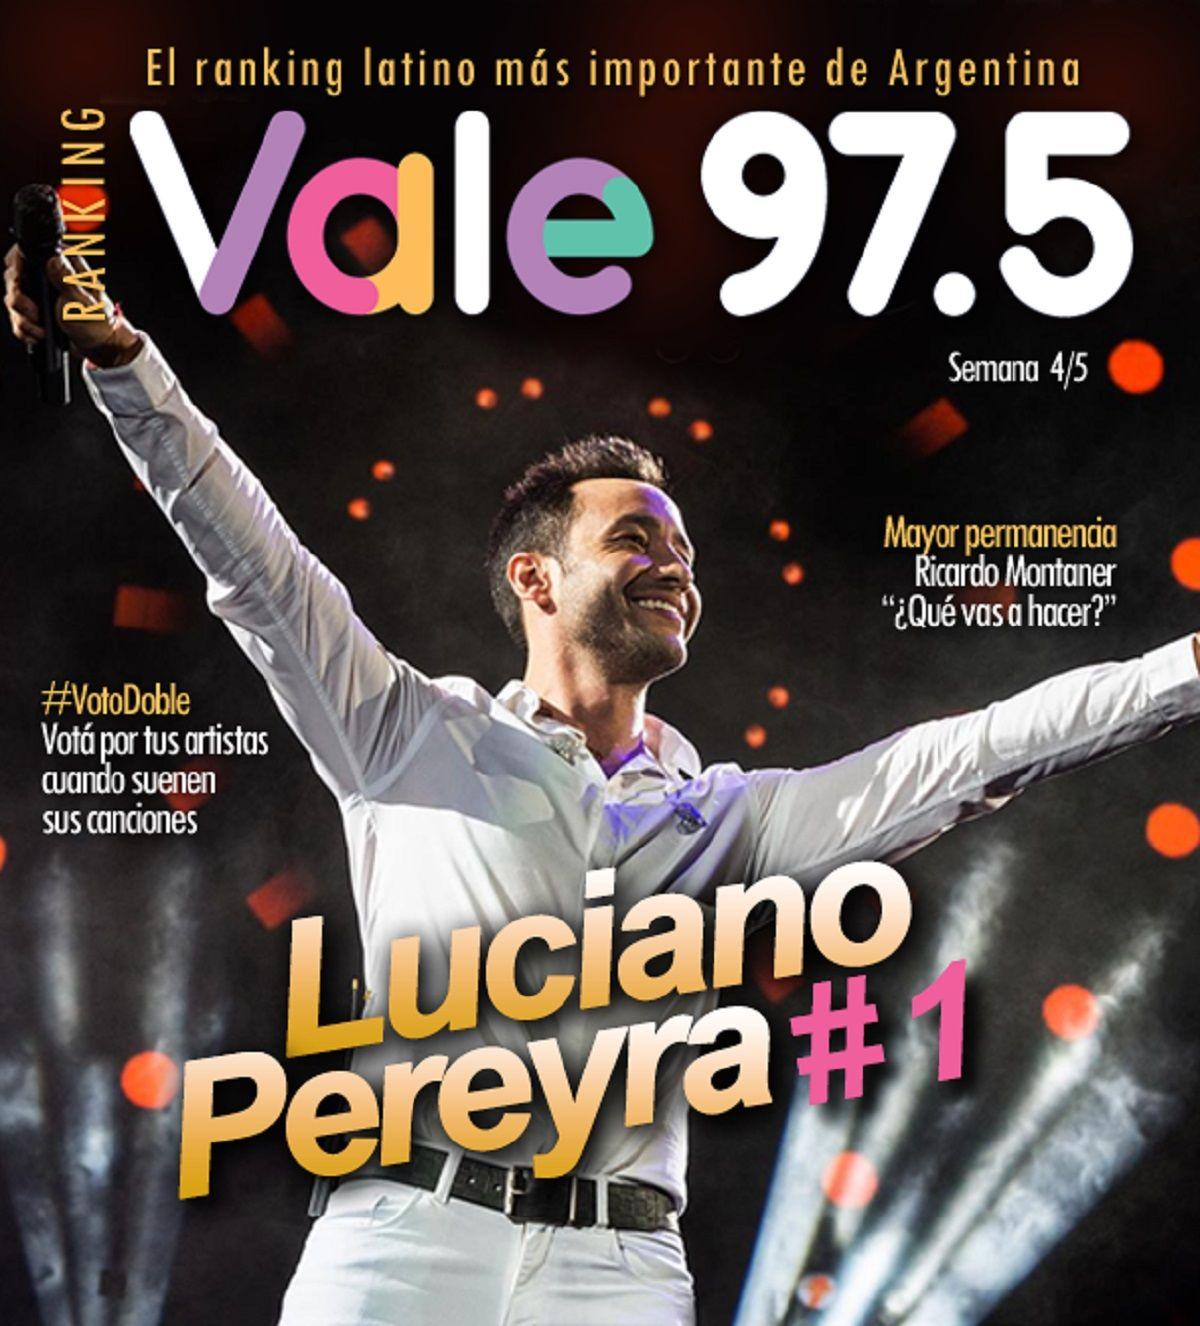 Luciano Pereyra, en lo más alto del Ranking Vale